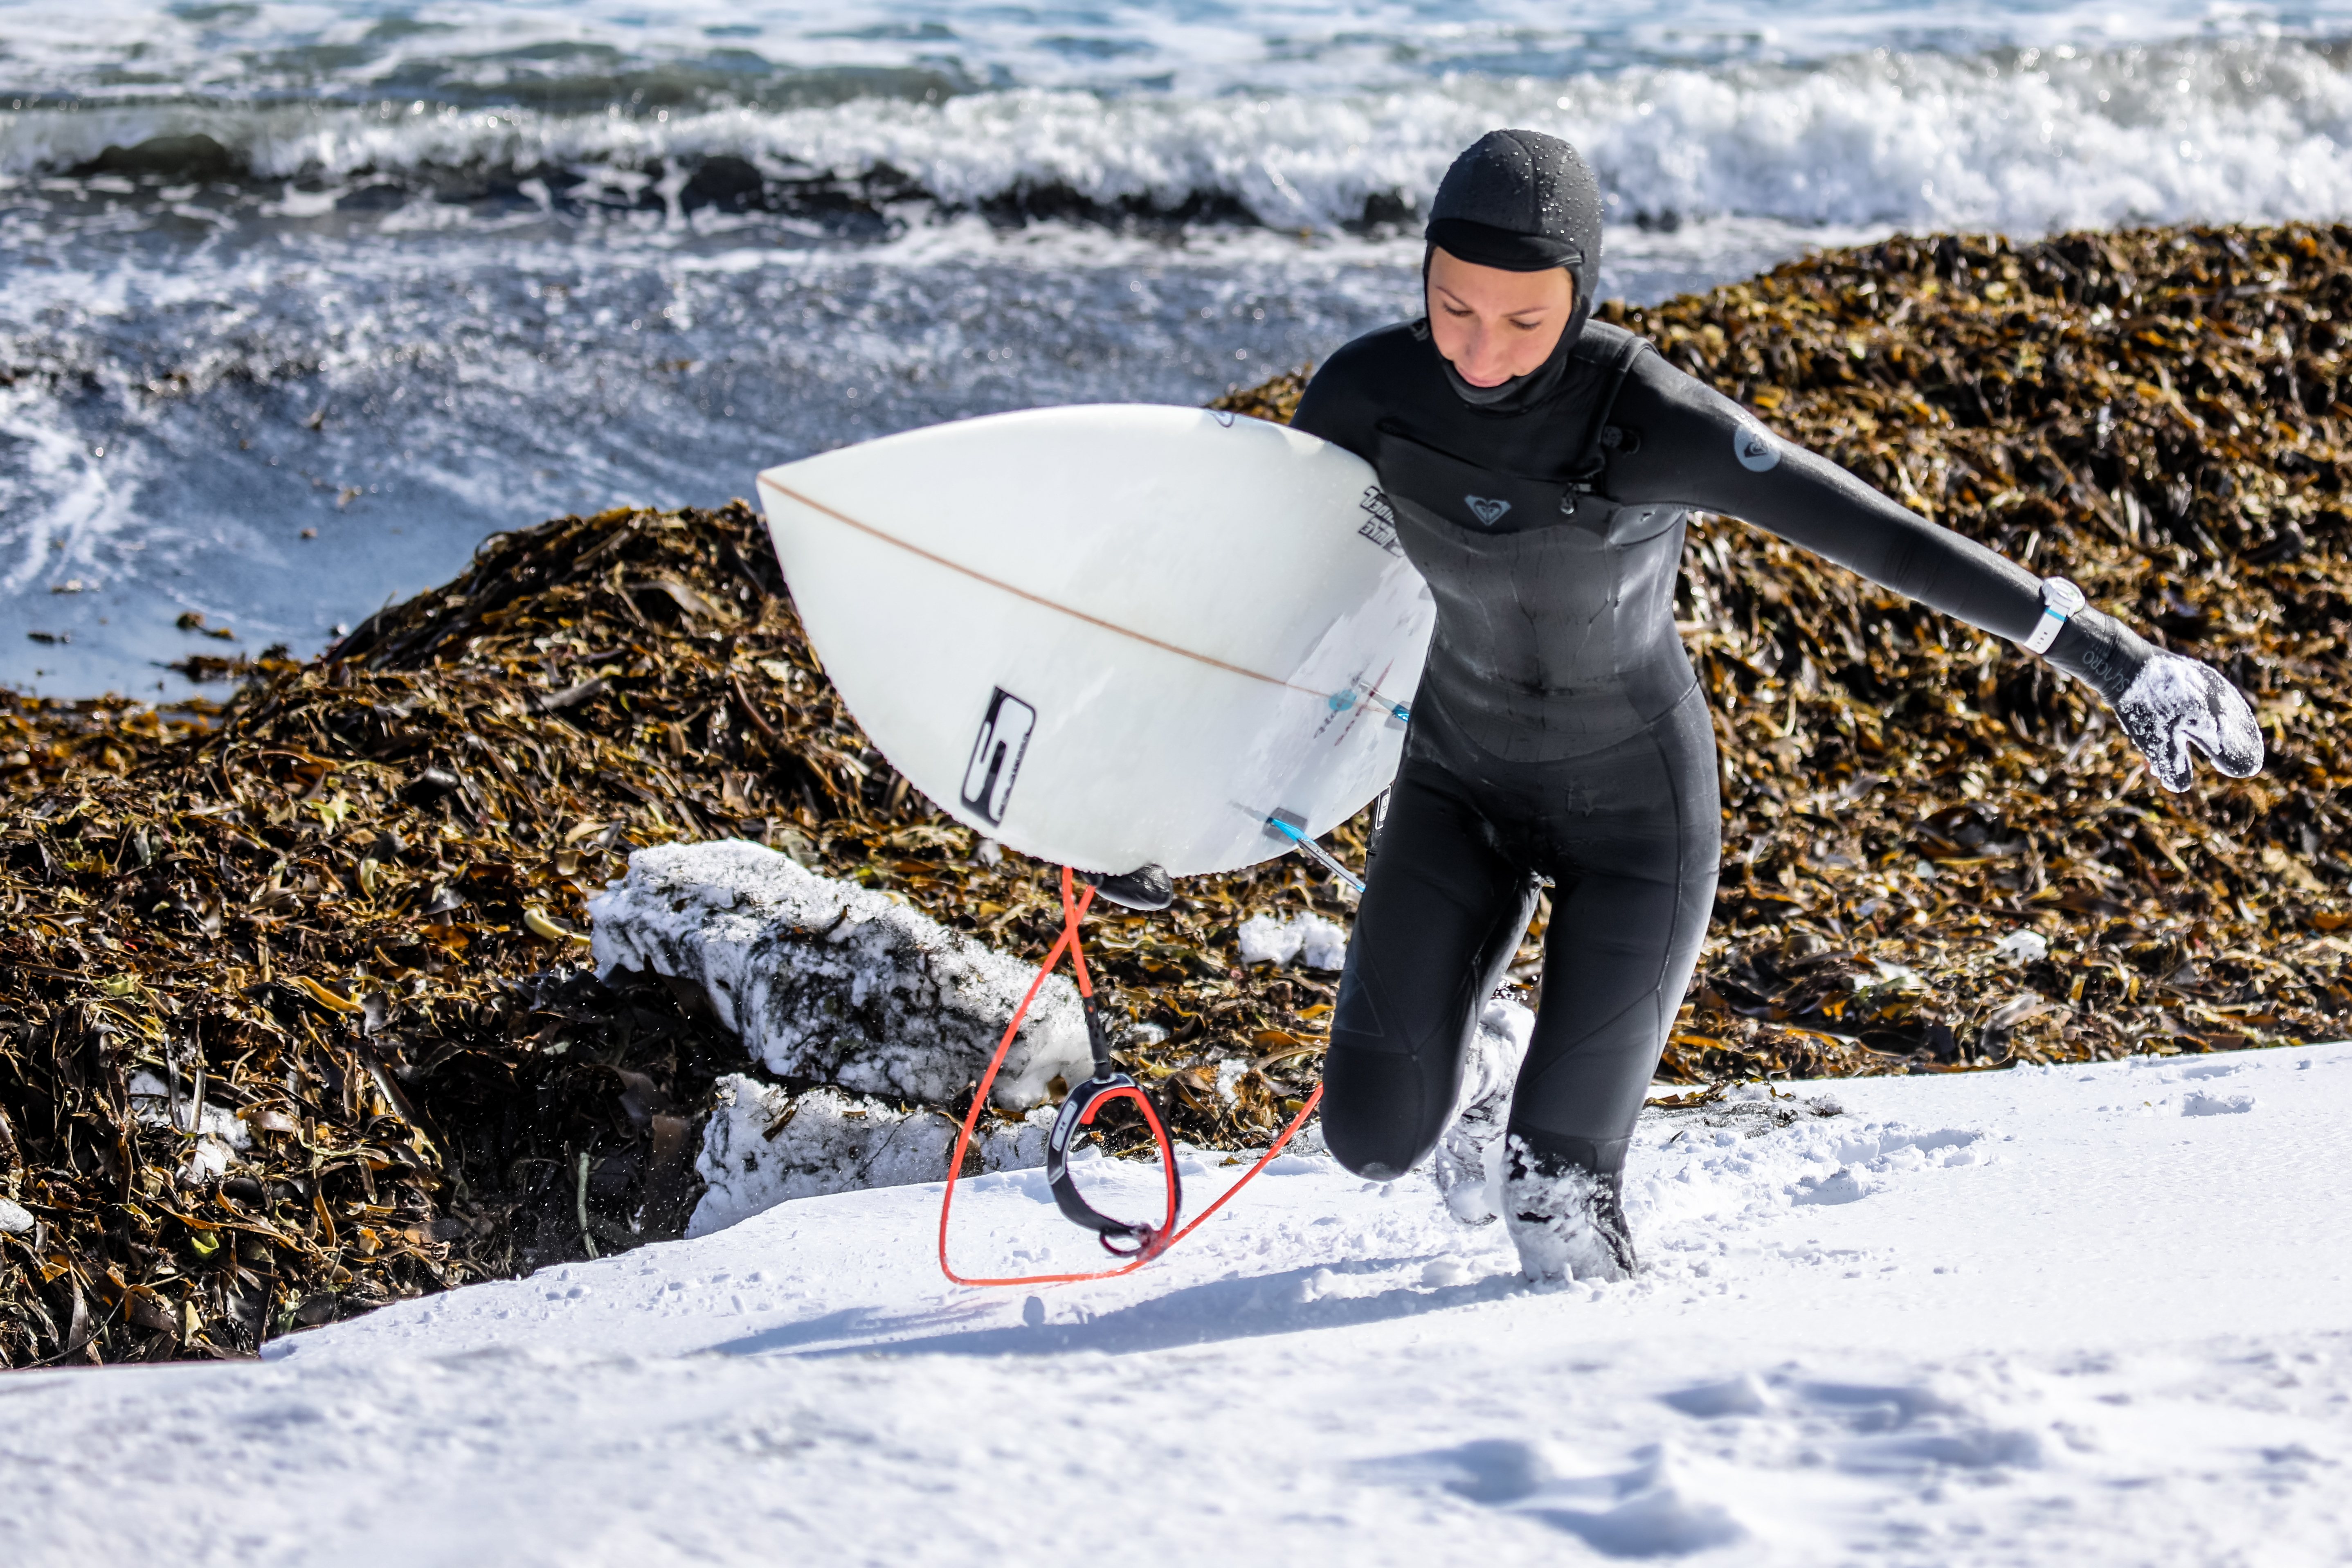 surfing_russia_paramushir_©taniaelisarieva_2017_173222